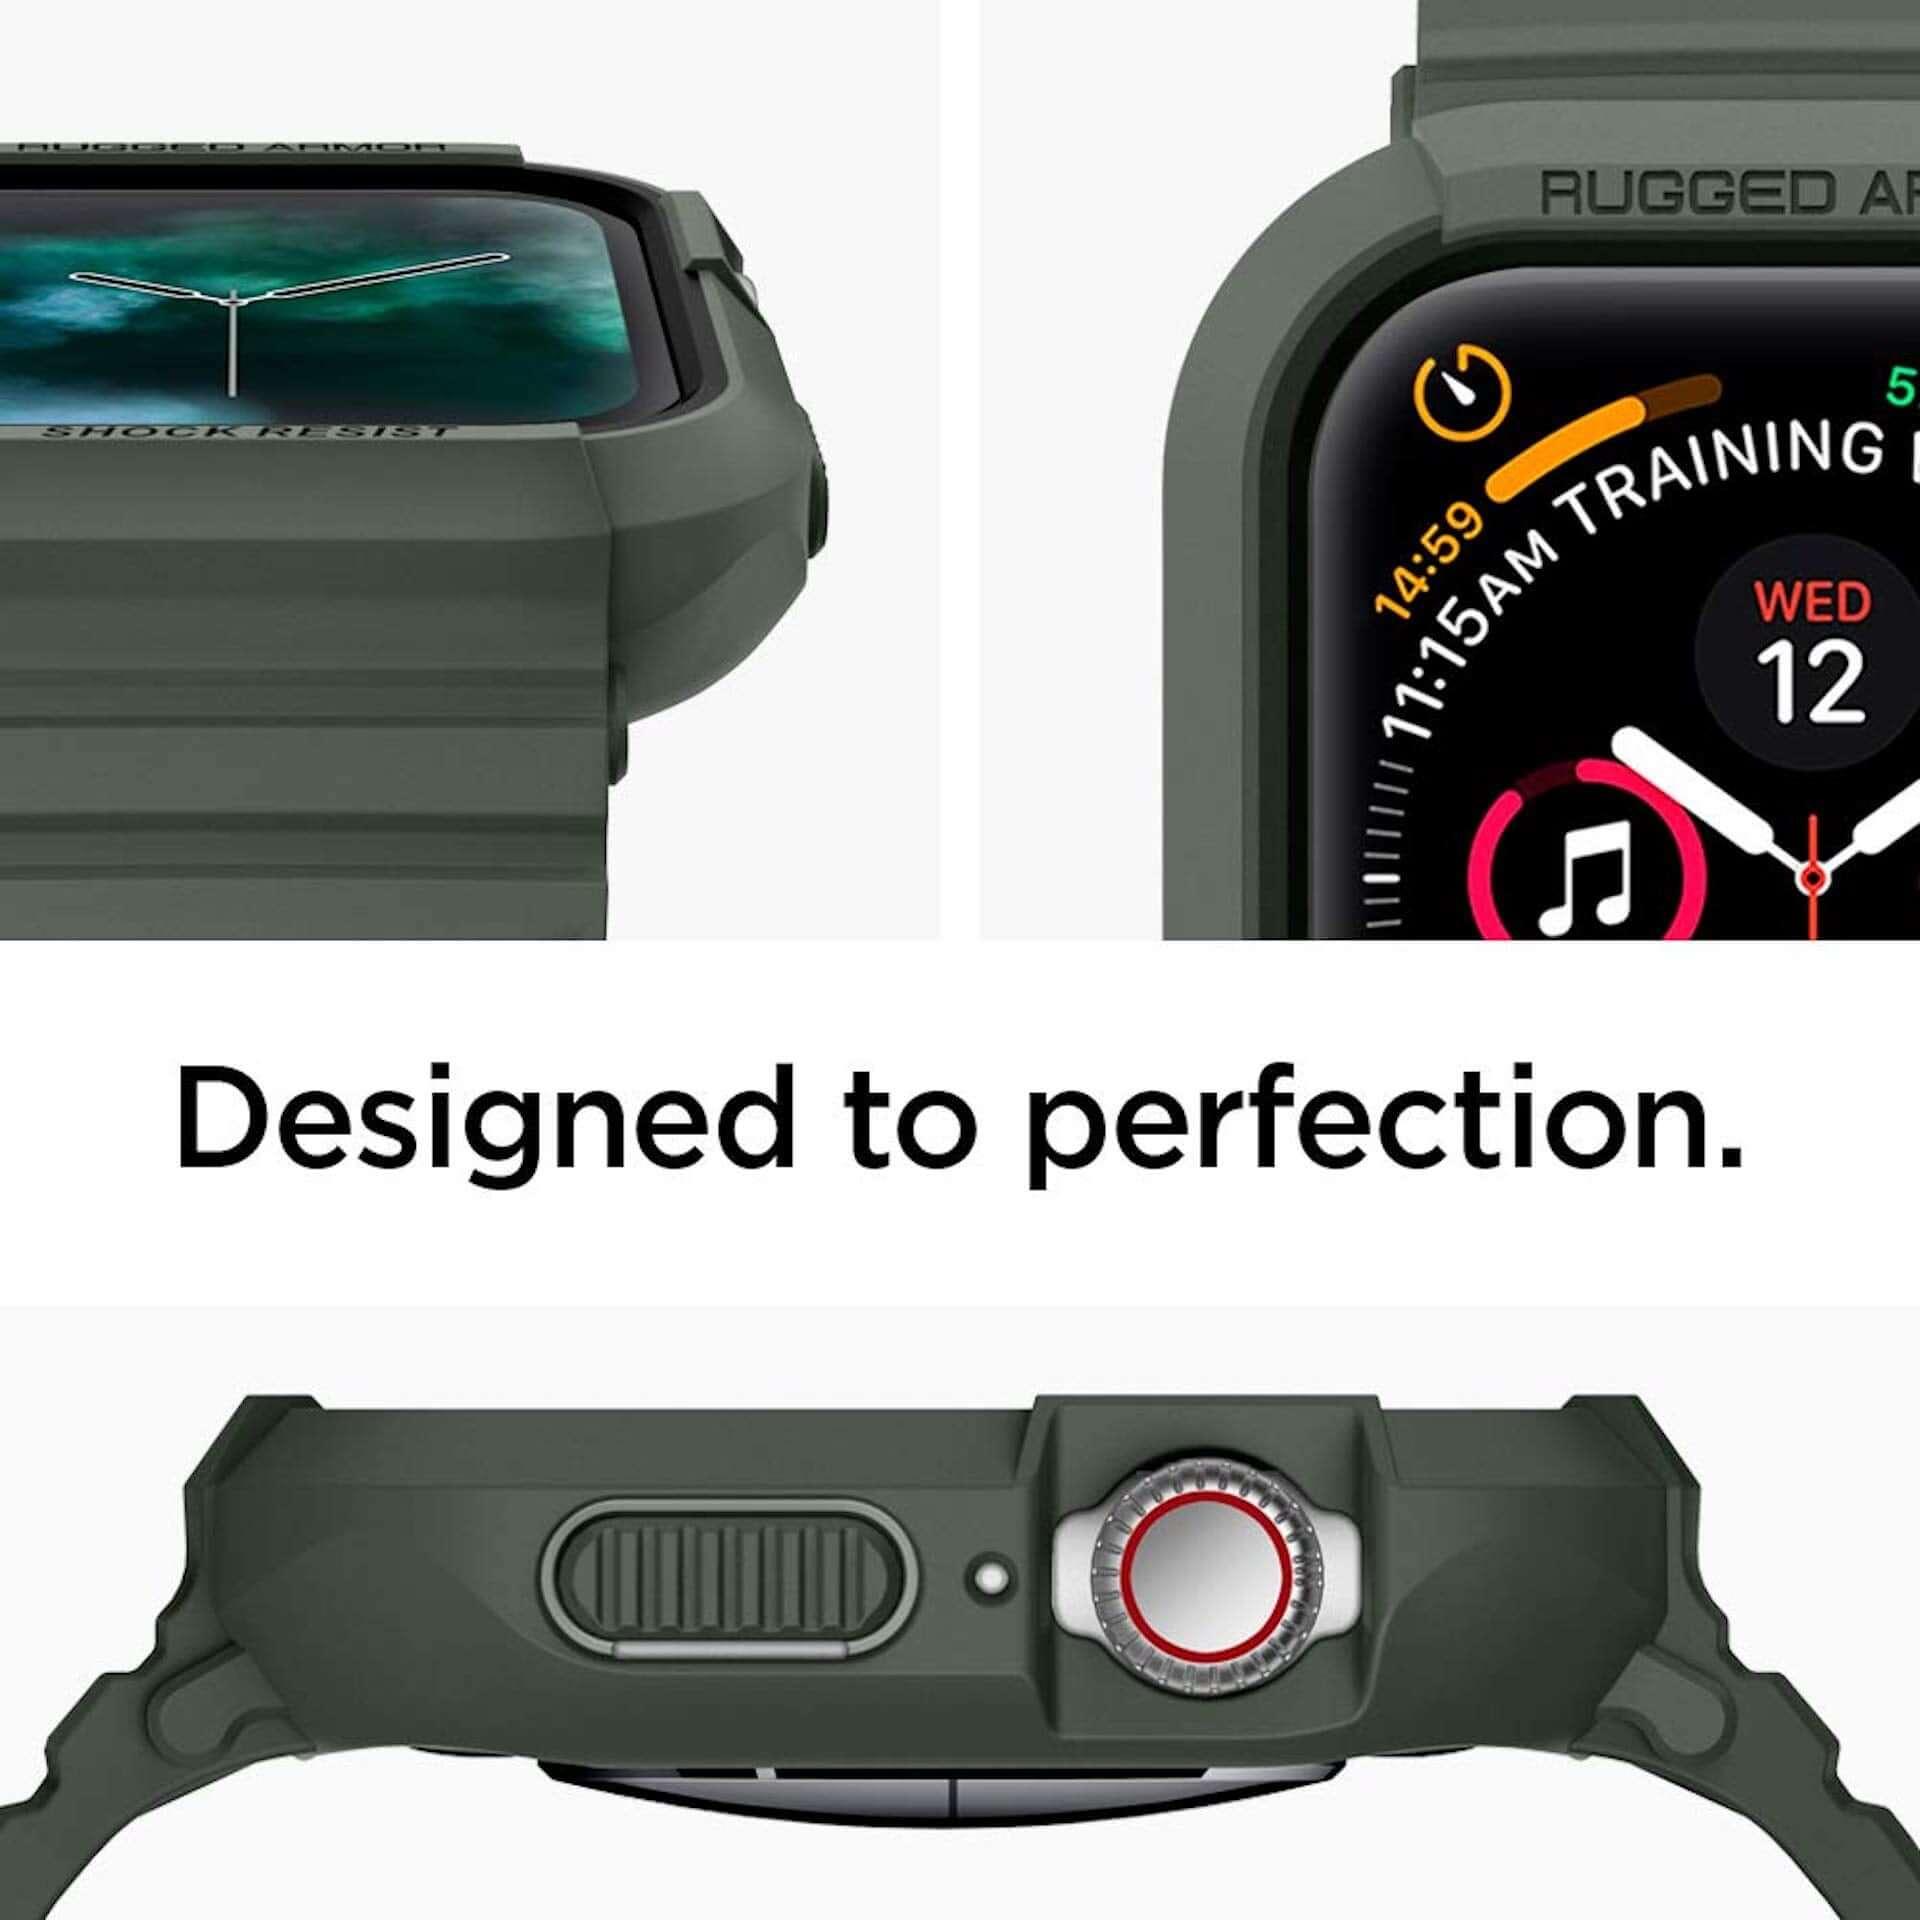 アウトドア・スポーツシーンでもApple Watchを!耐衝撃ケースSpigen「ラギッド・アーマー プロ」に新色追加 technology190708spigen-applewatch4_4-1920x1920